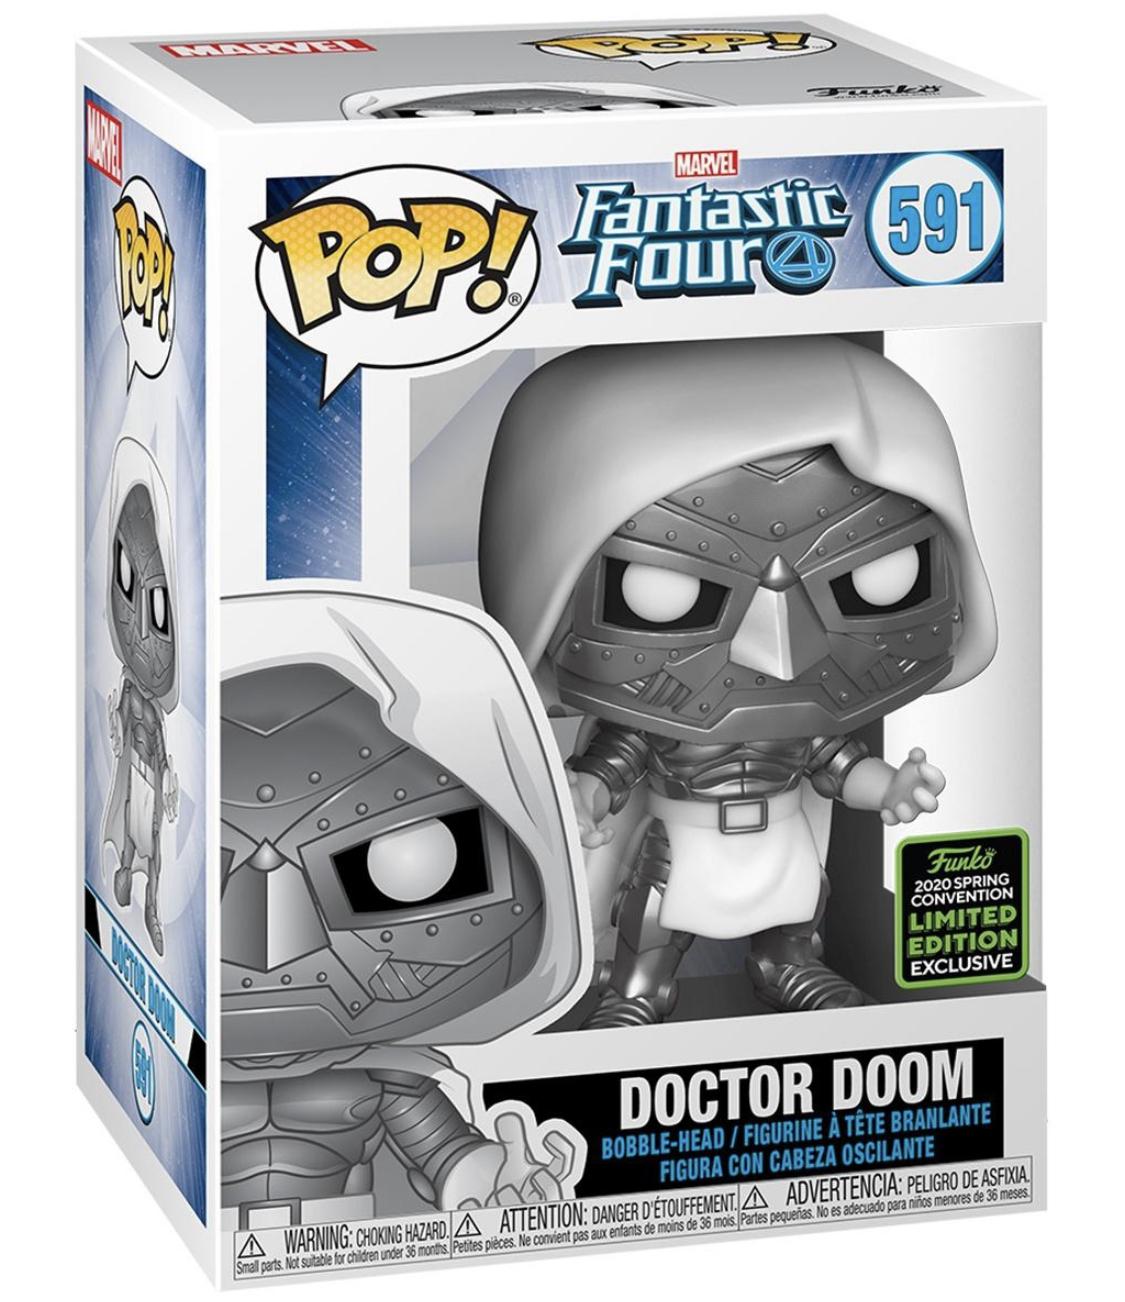 Liverpool: Doctor Doom Funko pop Exclusivo ECCC 2020